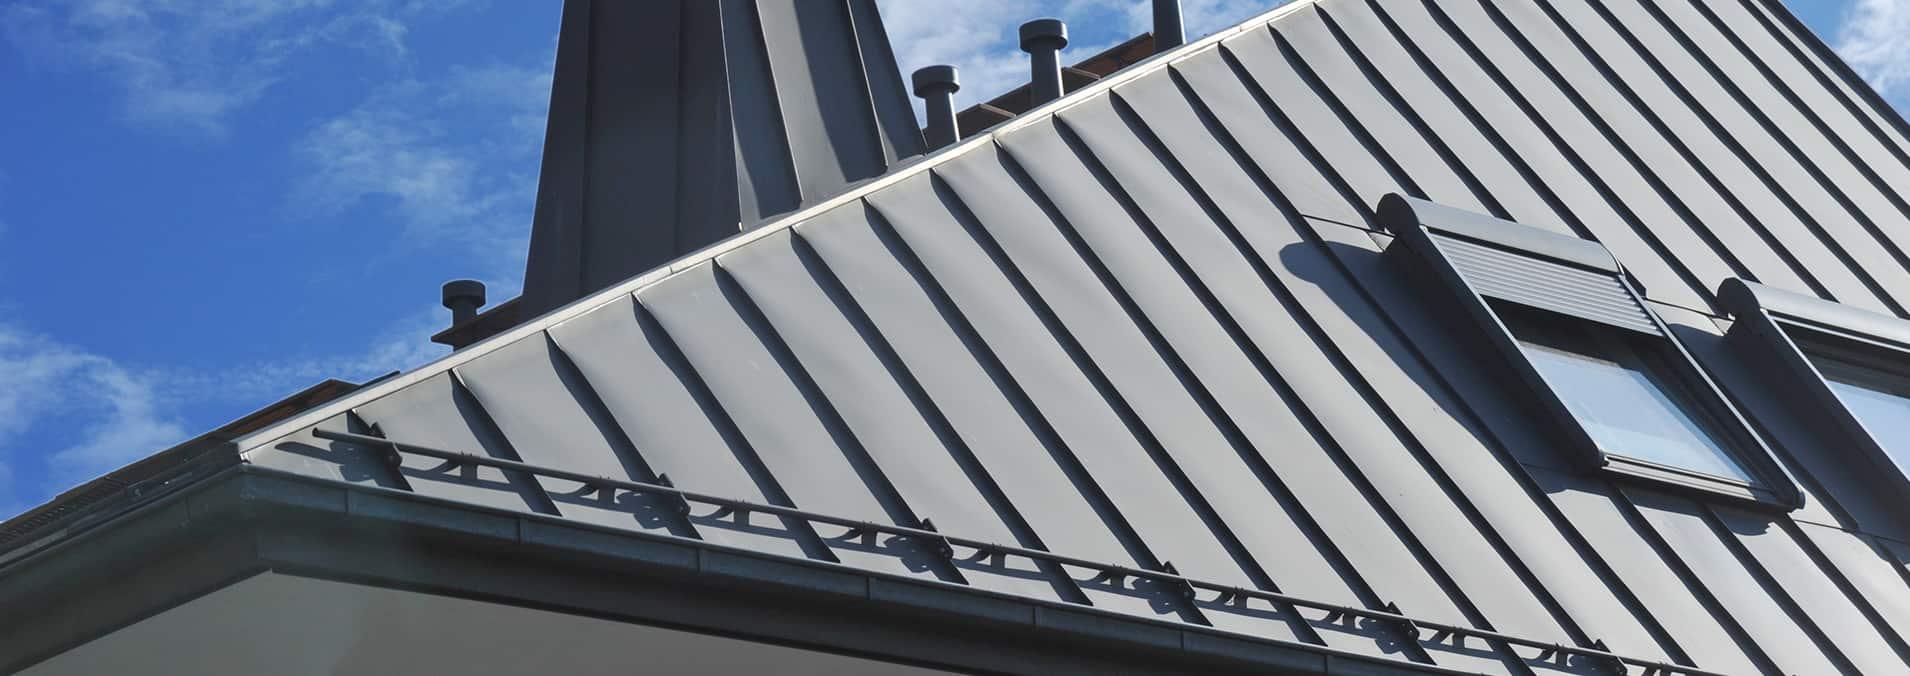 Metal Roof GA